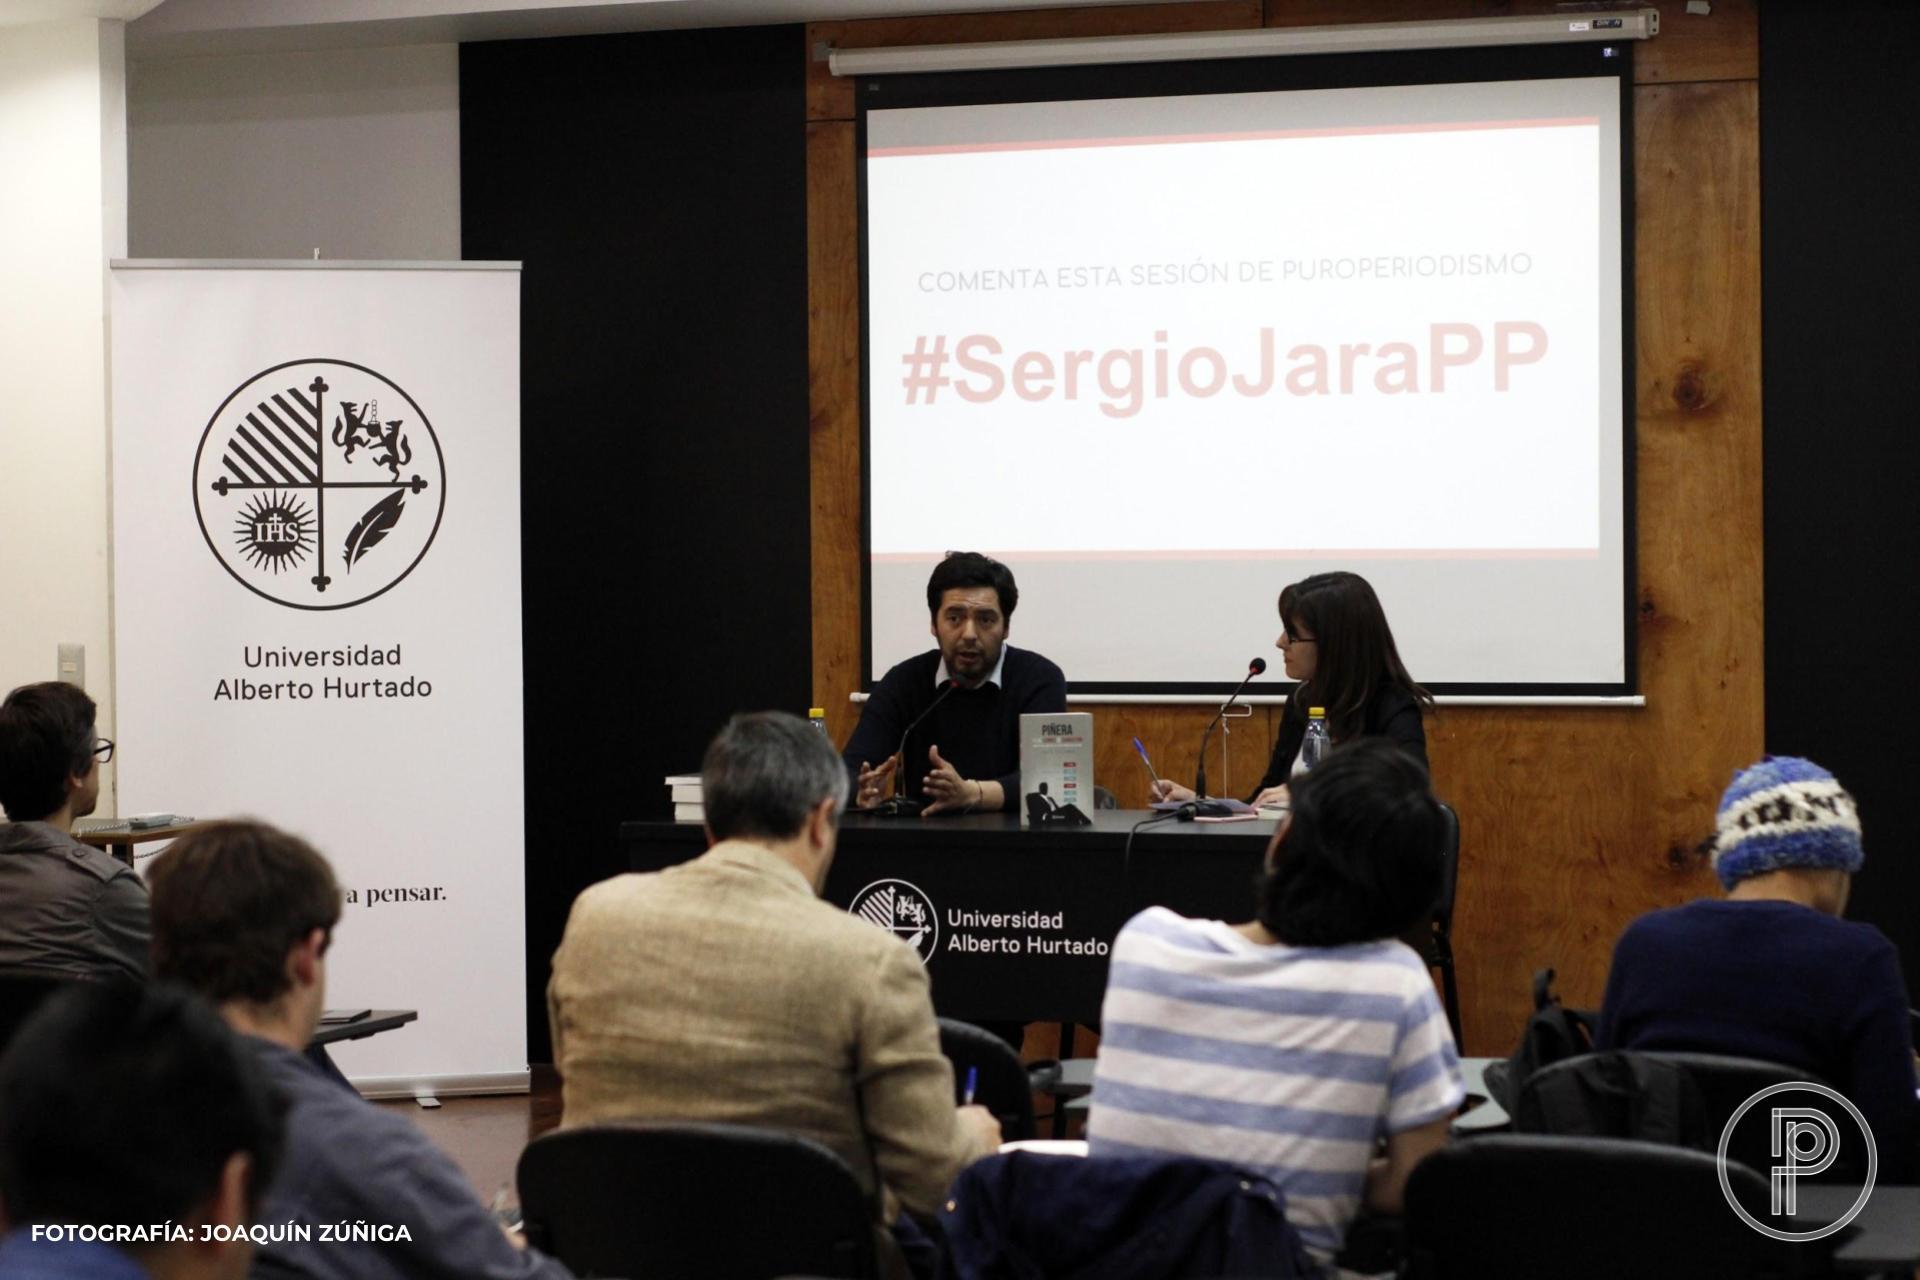 Foto: Joaquín Zúñiga